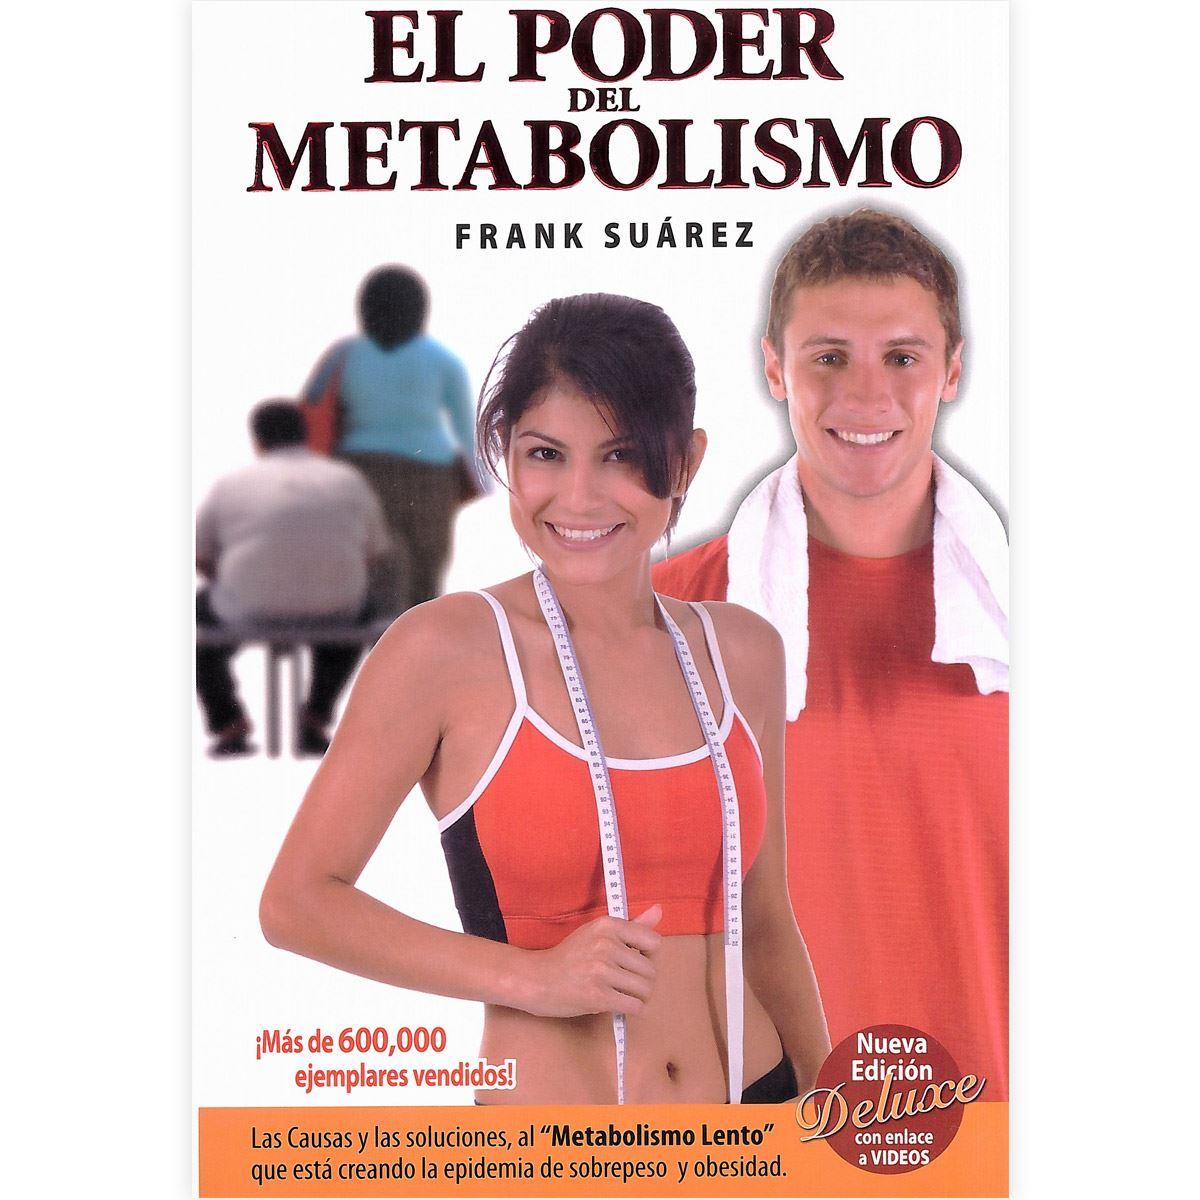 El poder del metabolismo nueva edición Libro - Sanborns